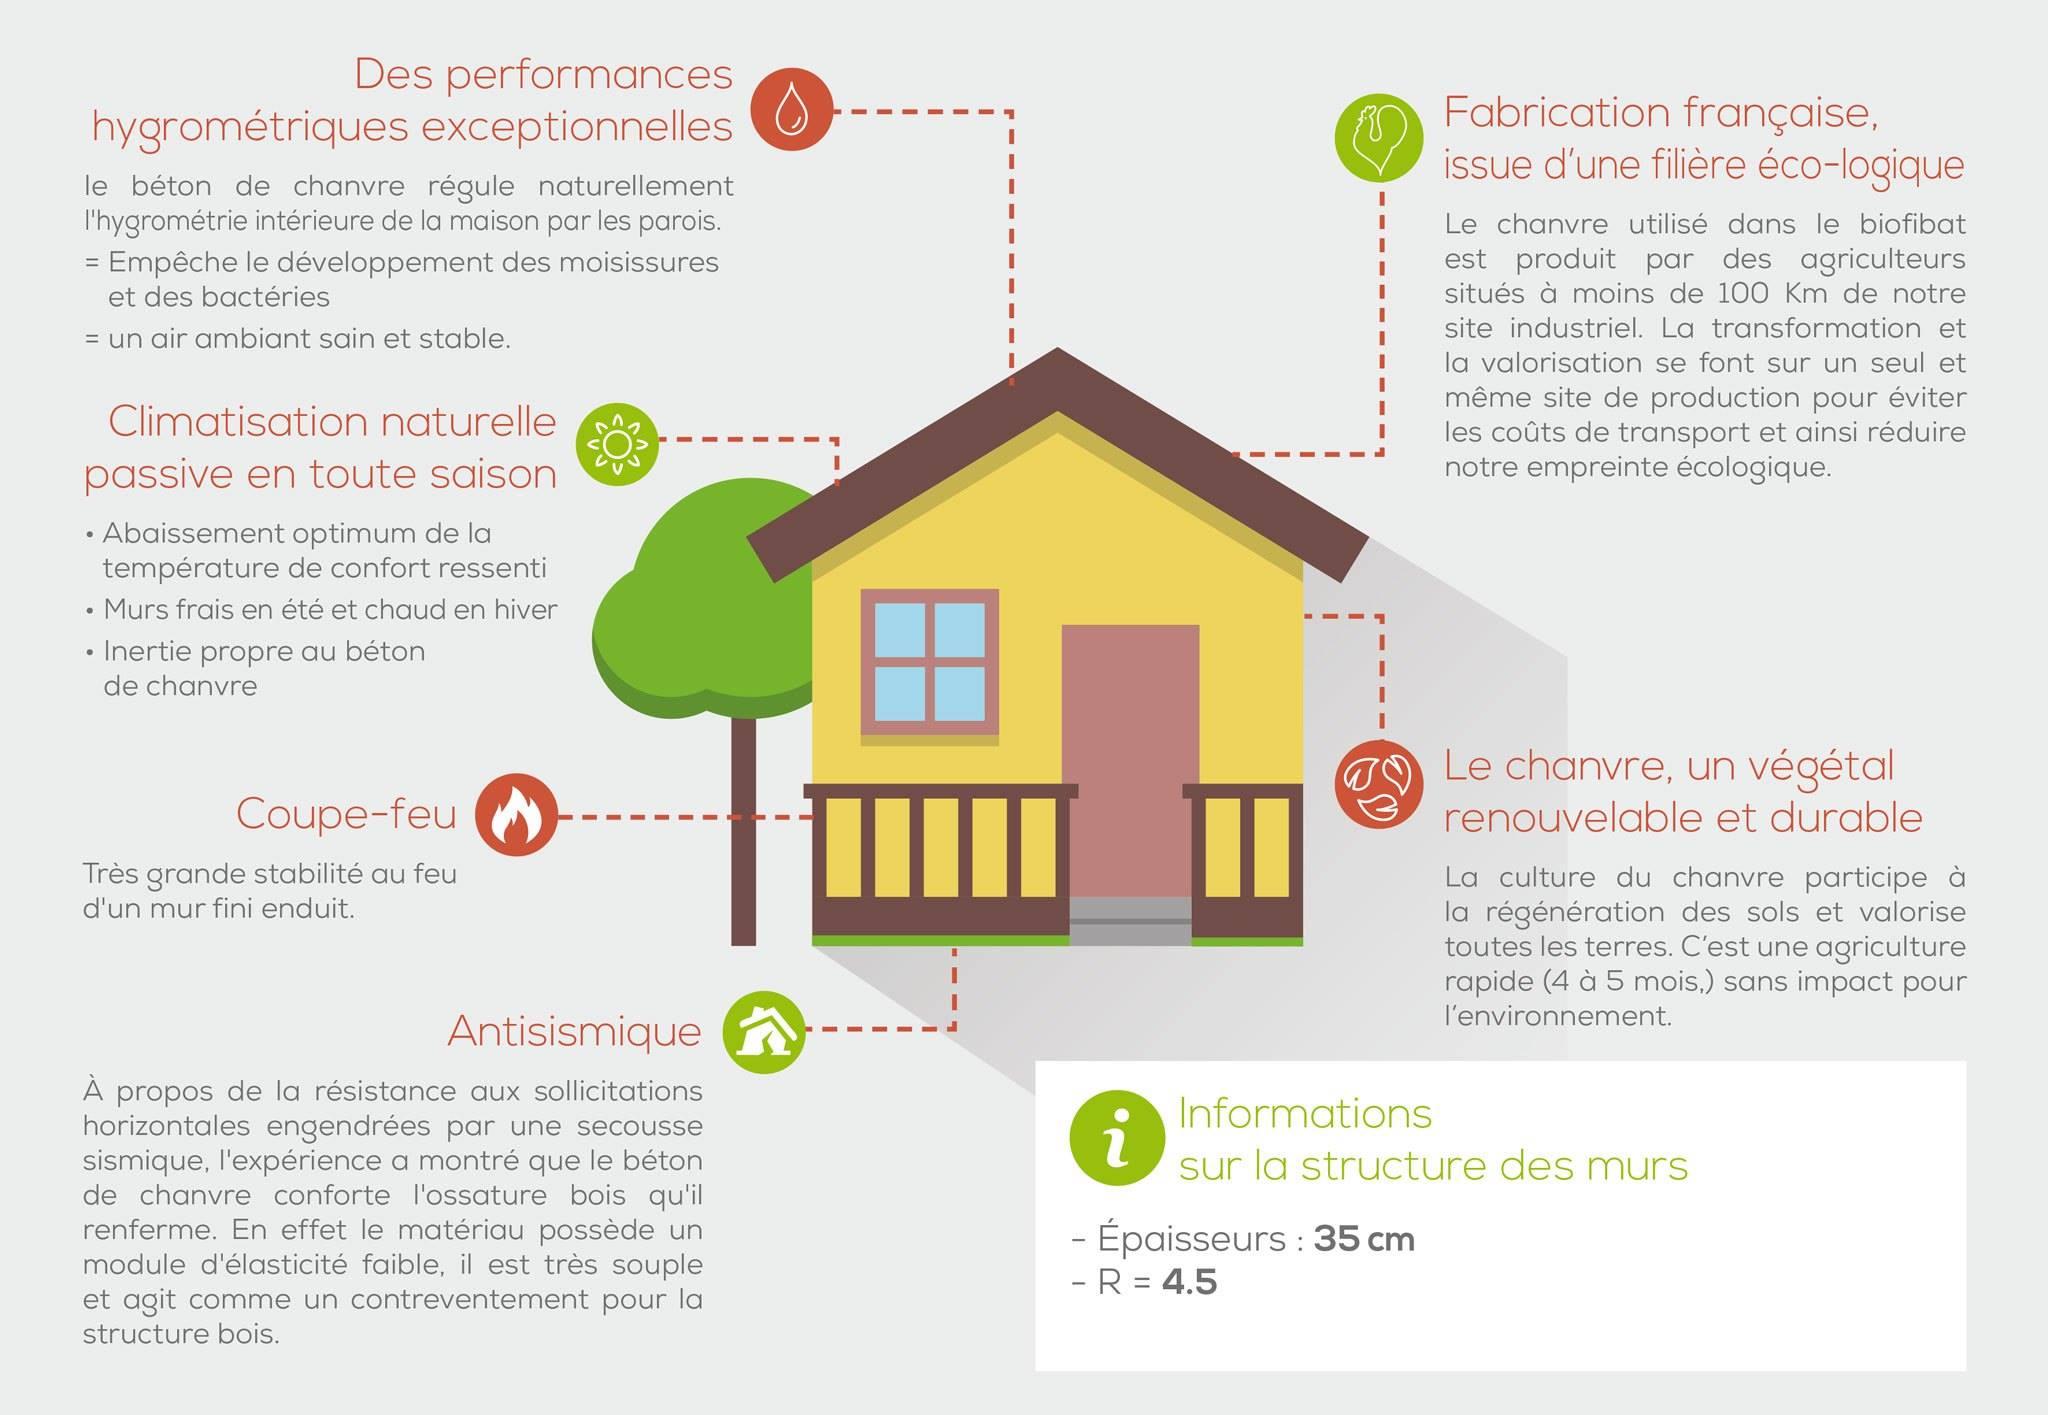 Matriaux pour construire une maison vente privee deco maison 21 rennes mate - Les materiaux pour construire une maison ...